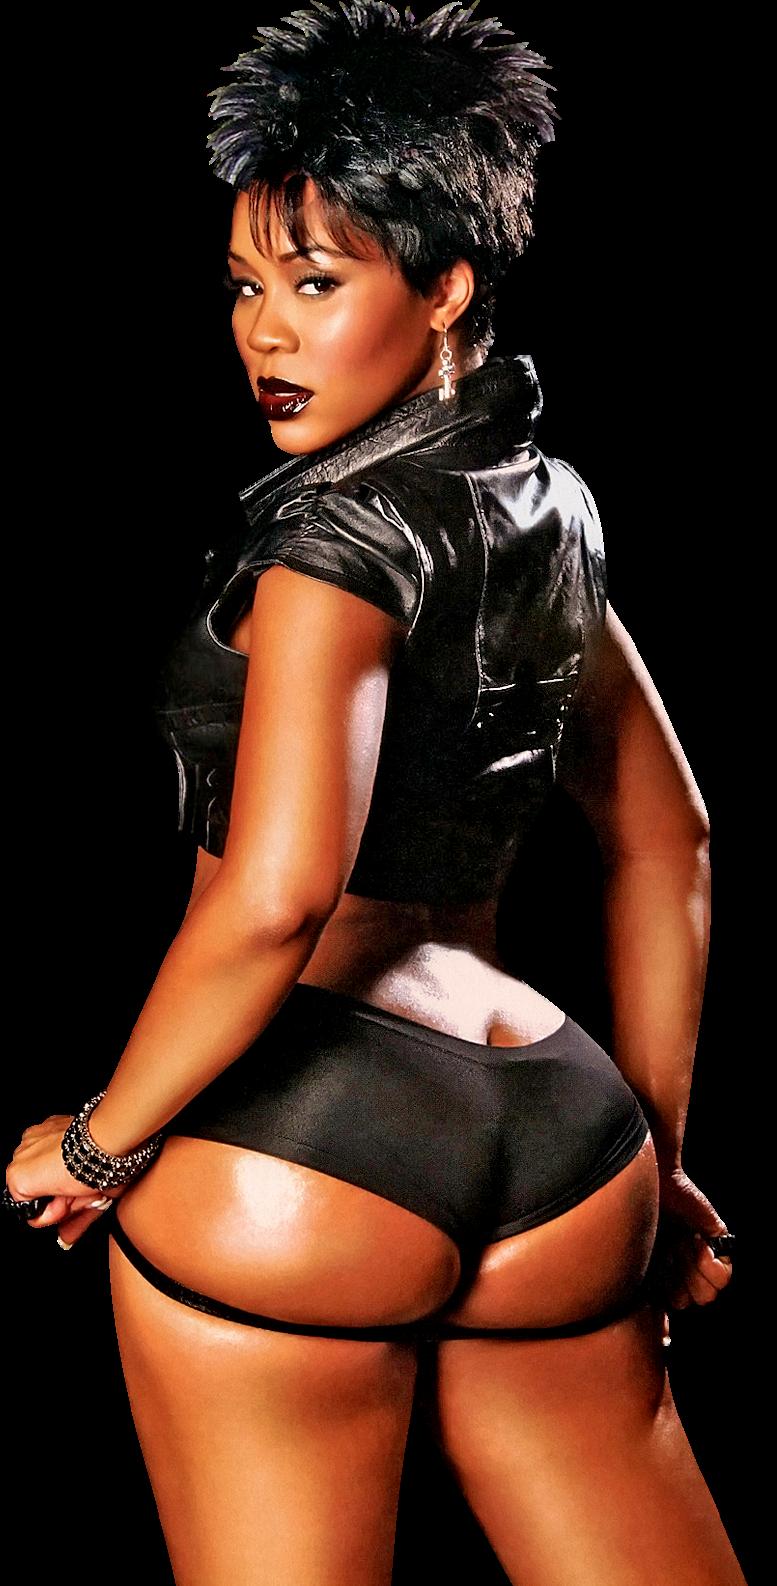 Mulheres sensuais com mais de 40 blogspot